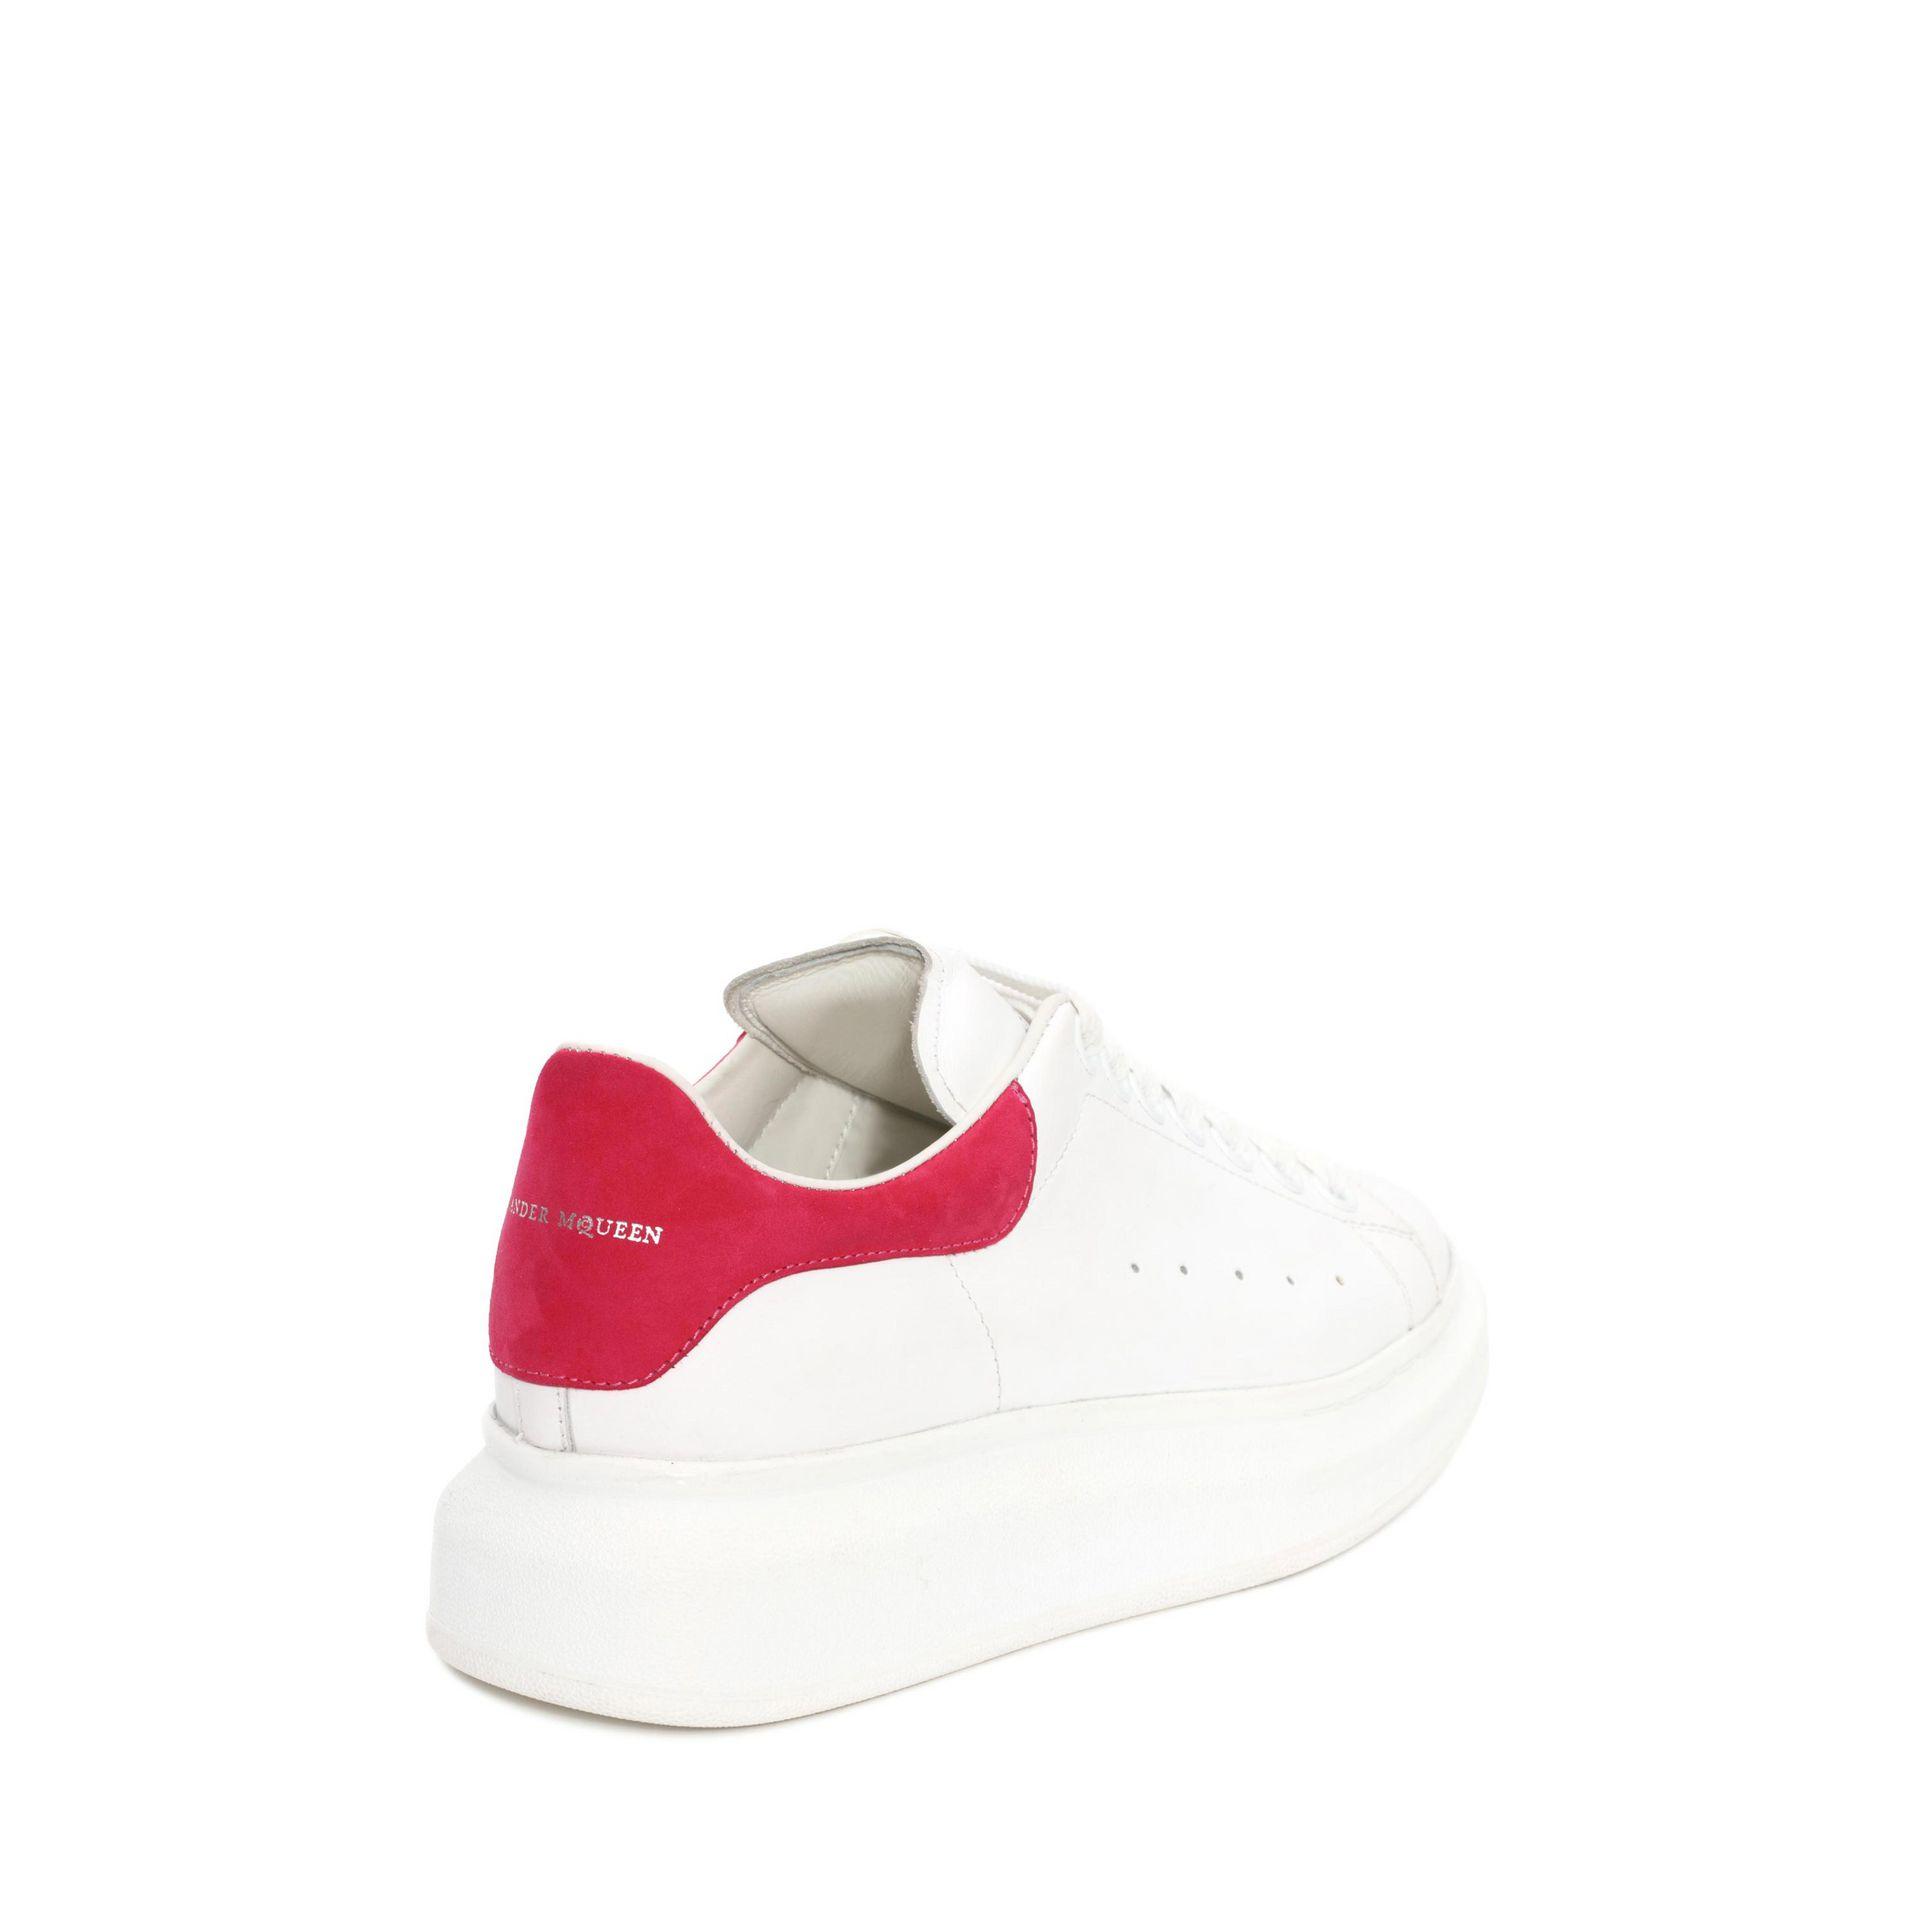 5ea7a02c2e76 Lyst - Alexander McQueen Oversized Sneaker in Pink for Men